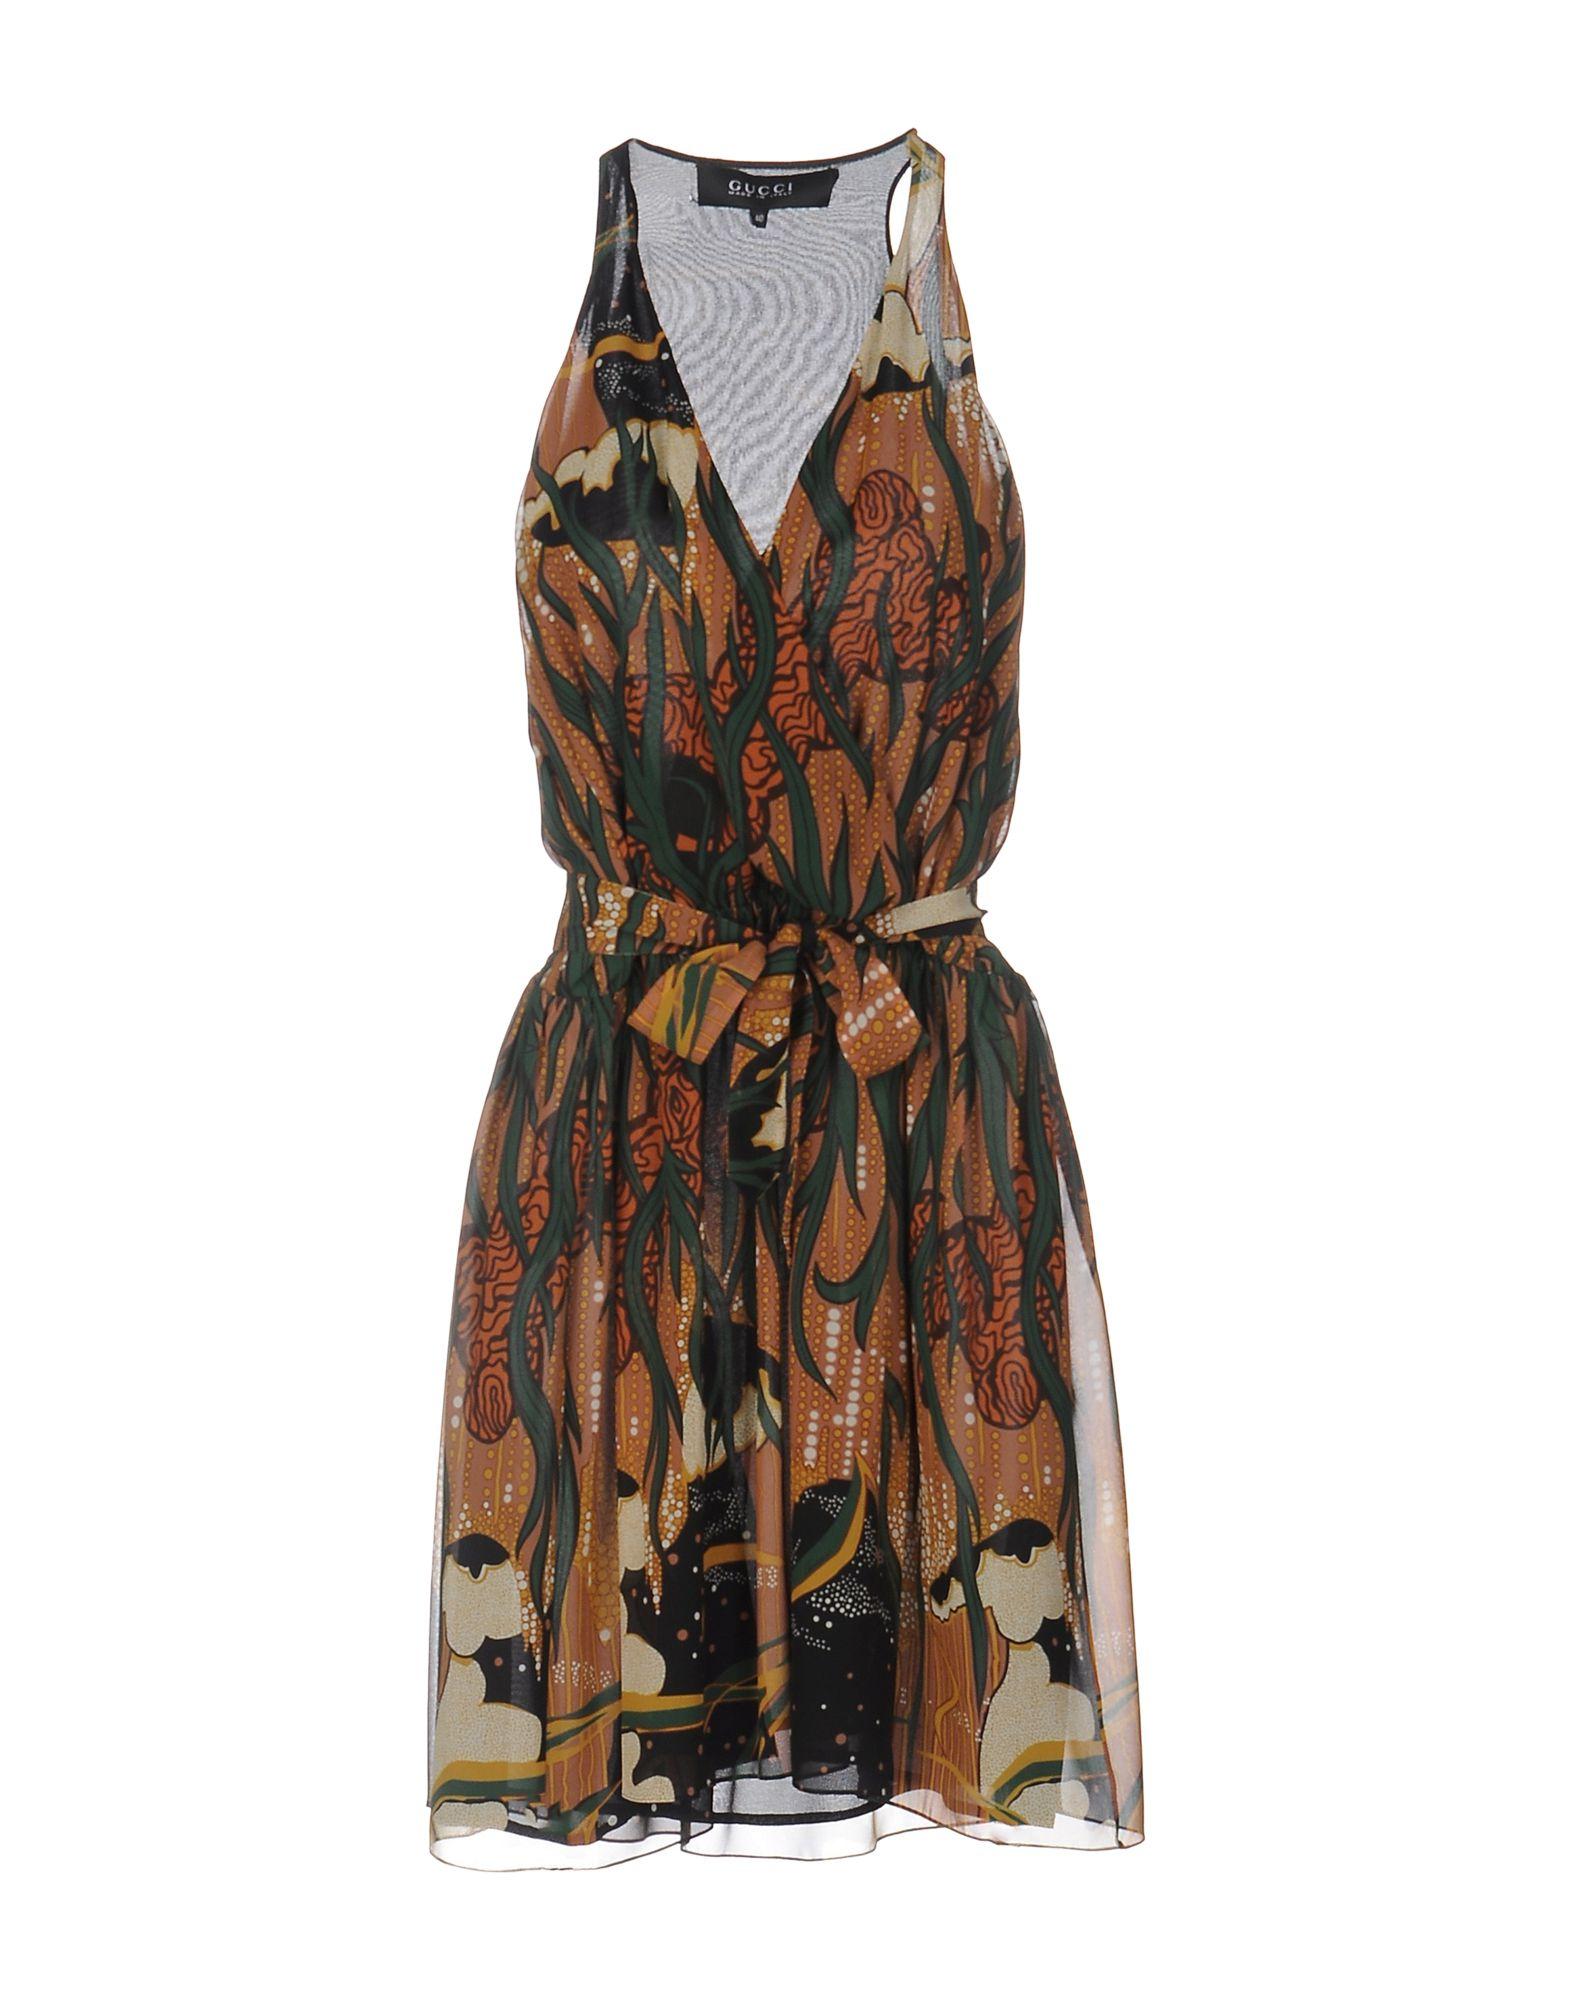 GUCCI Damen Kurzes Kleid Farbe Mittelbraun Größe 3